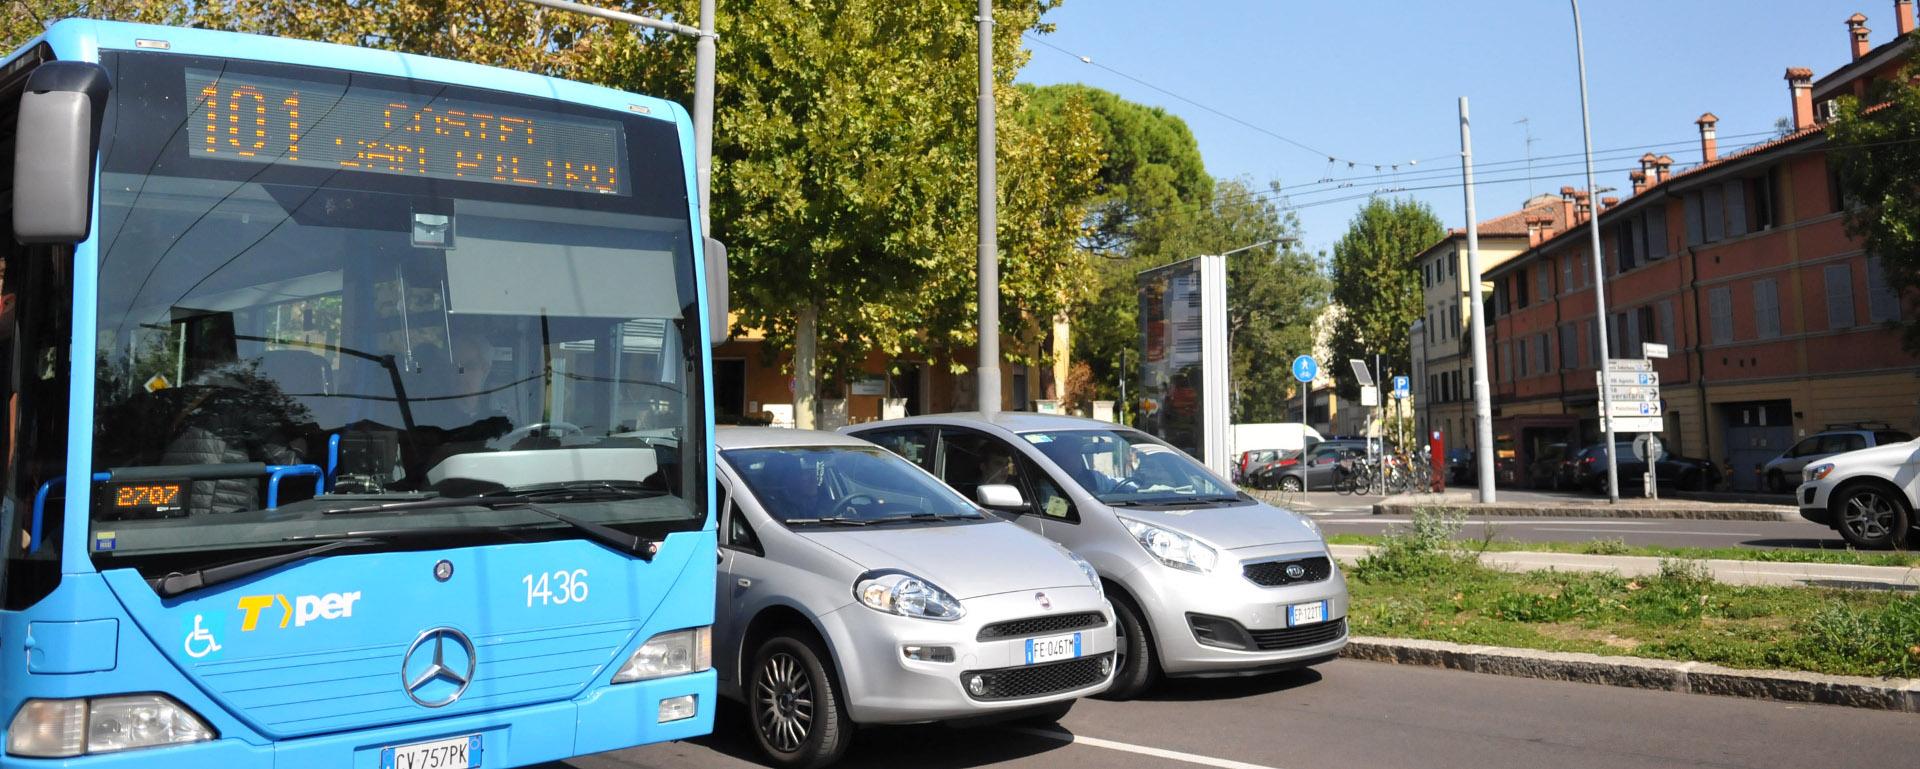 Autobus extraurbano - Archivio Città metropolitana di Bologna